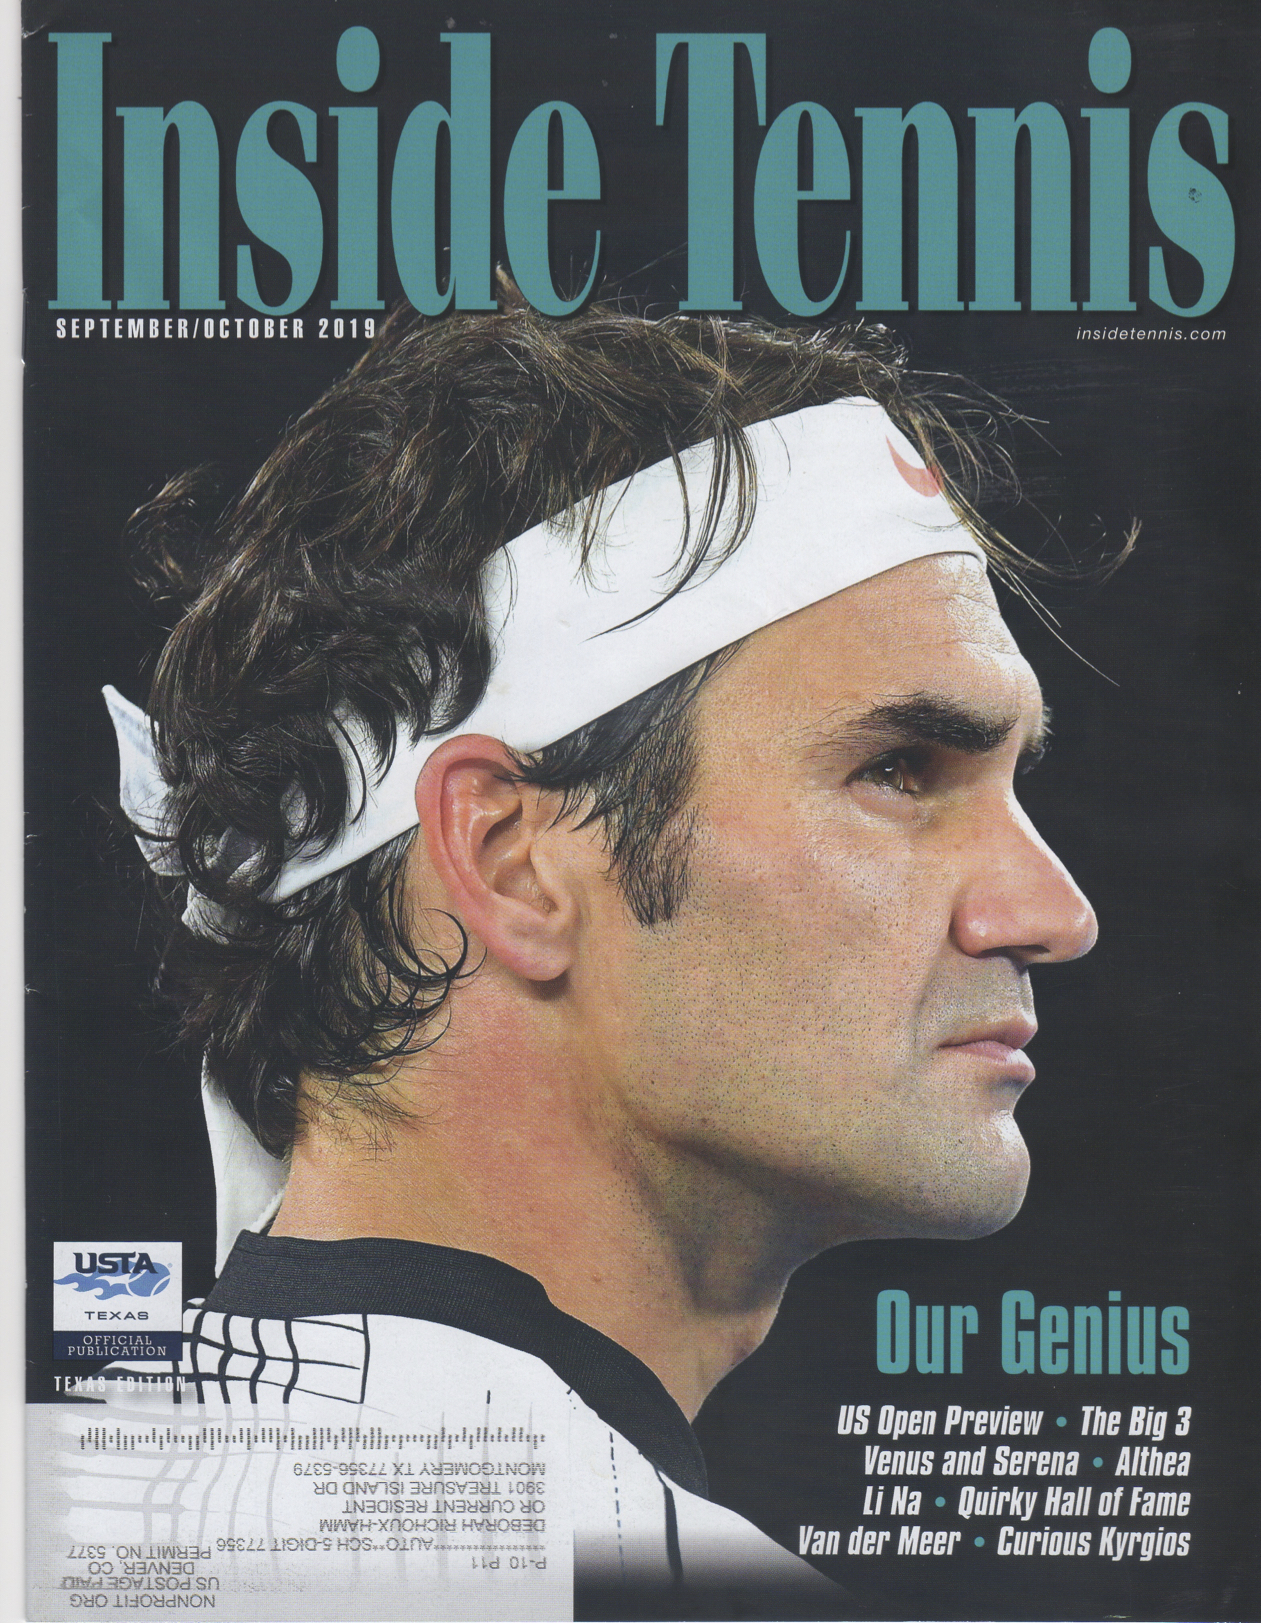 Inside tennis cover.jpg